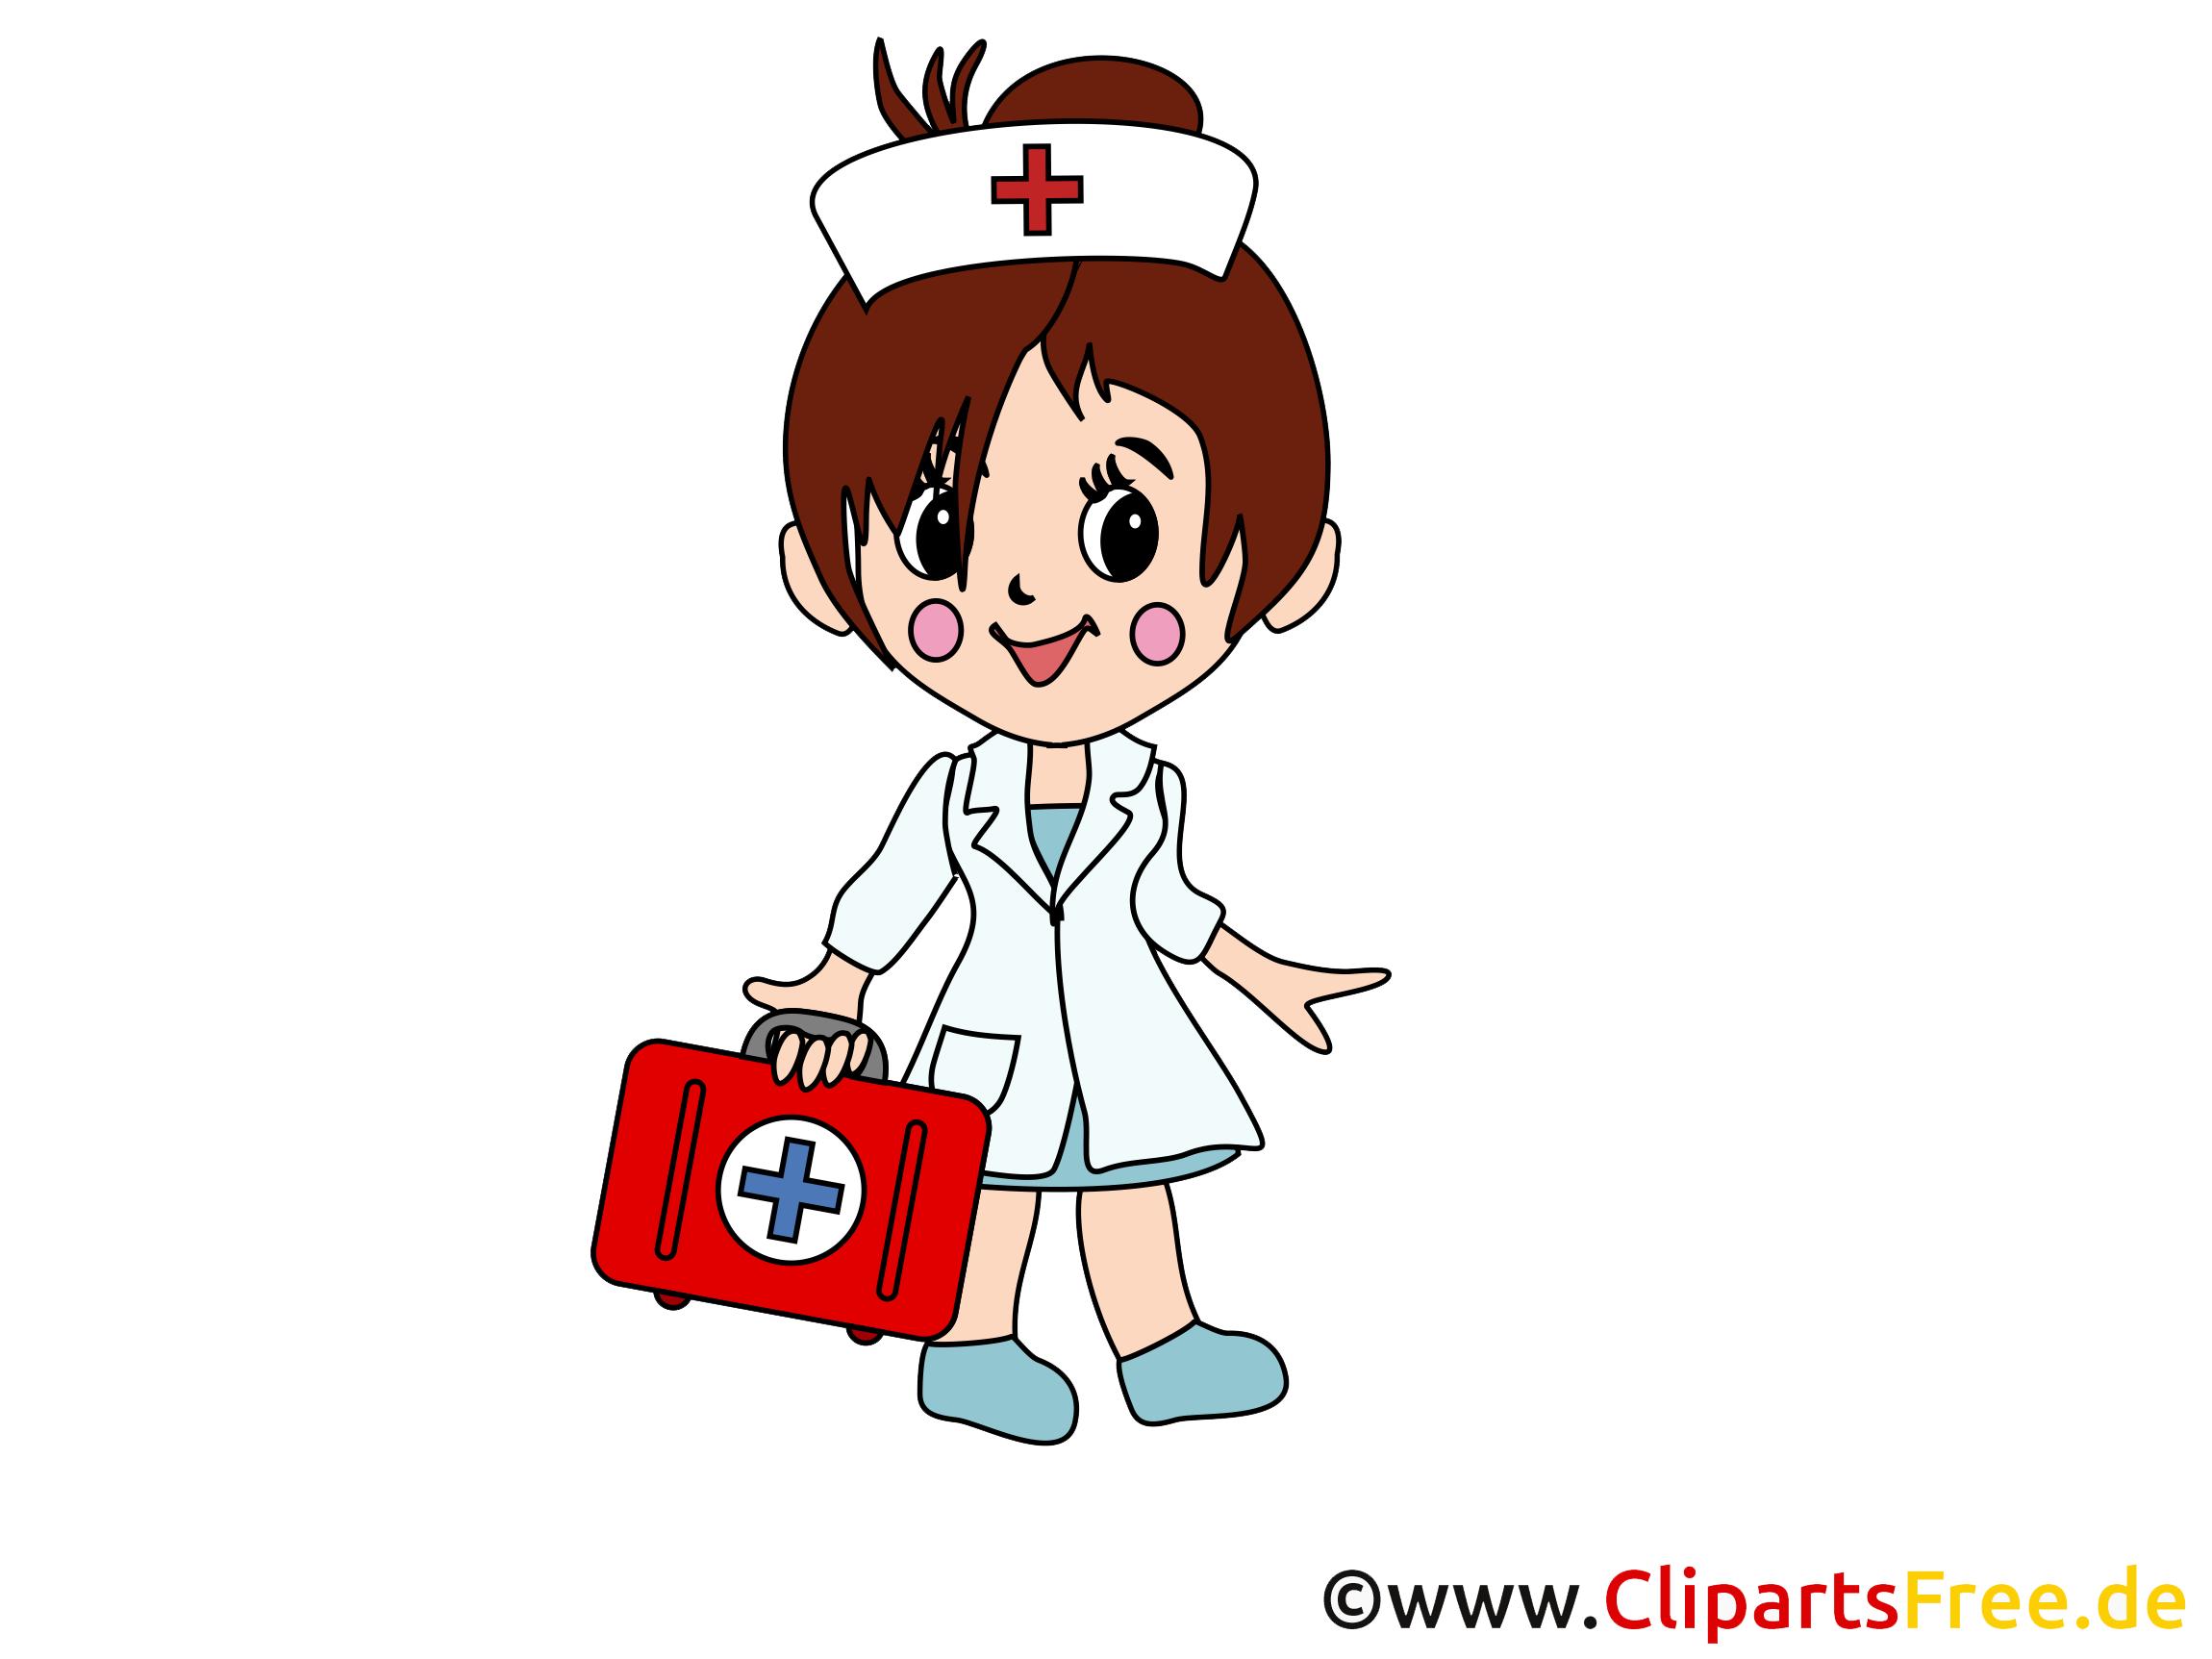 Großartig Wunde Pflege Krankenschwester Lebenslauf Zeitgenössisch ...